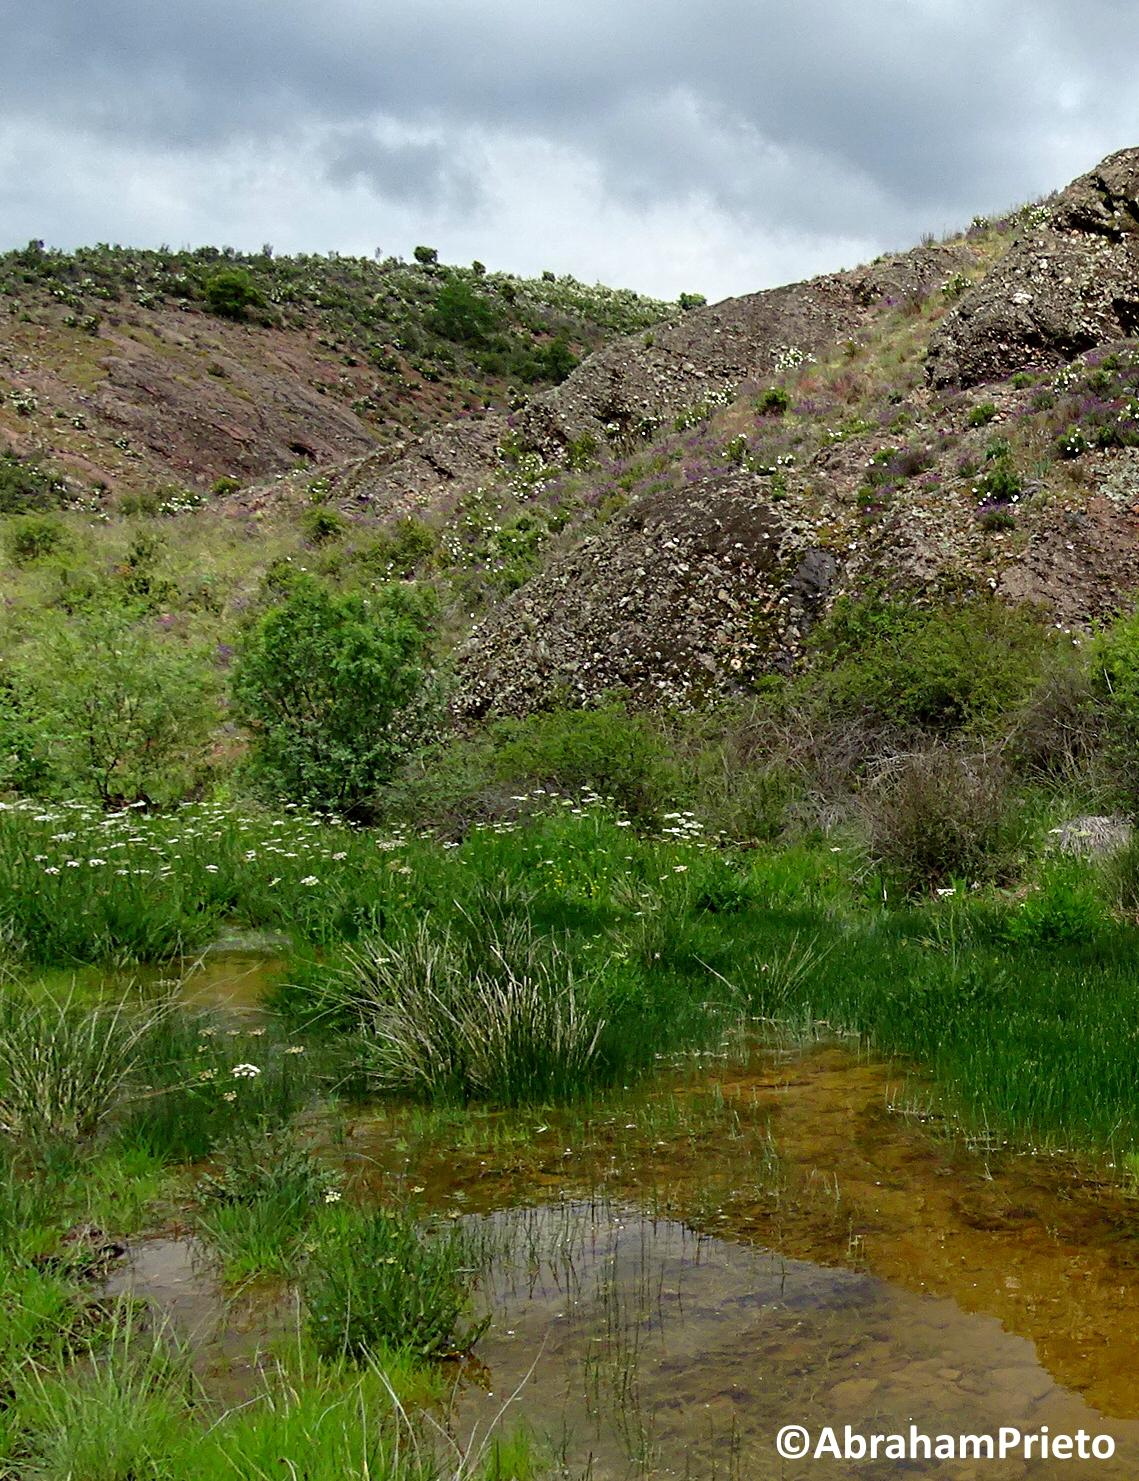 GeoPercepción: Los problemas del sapo partero (Alytes sp.)